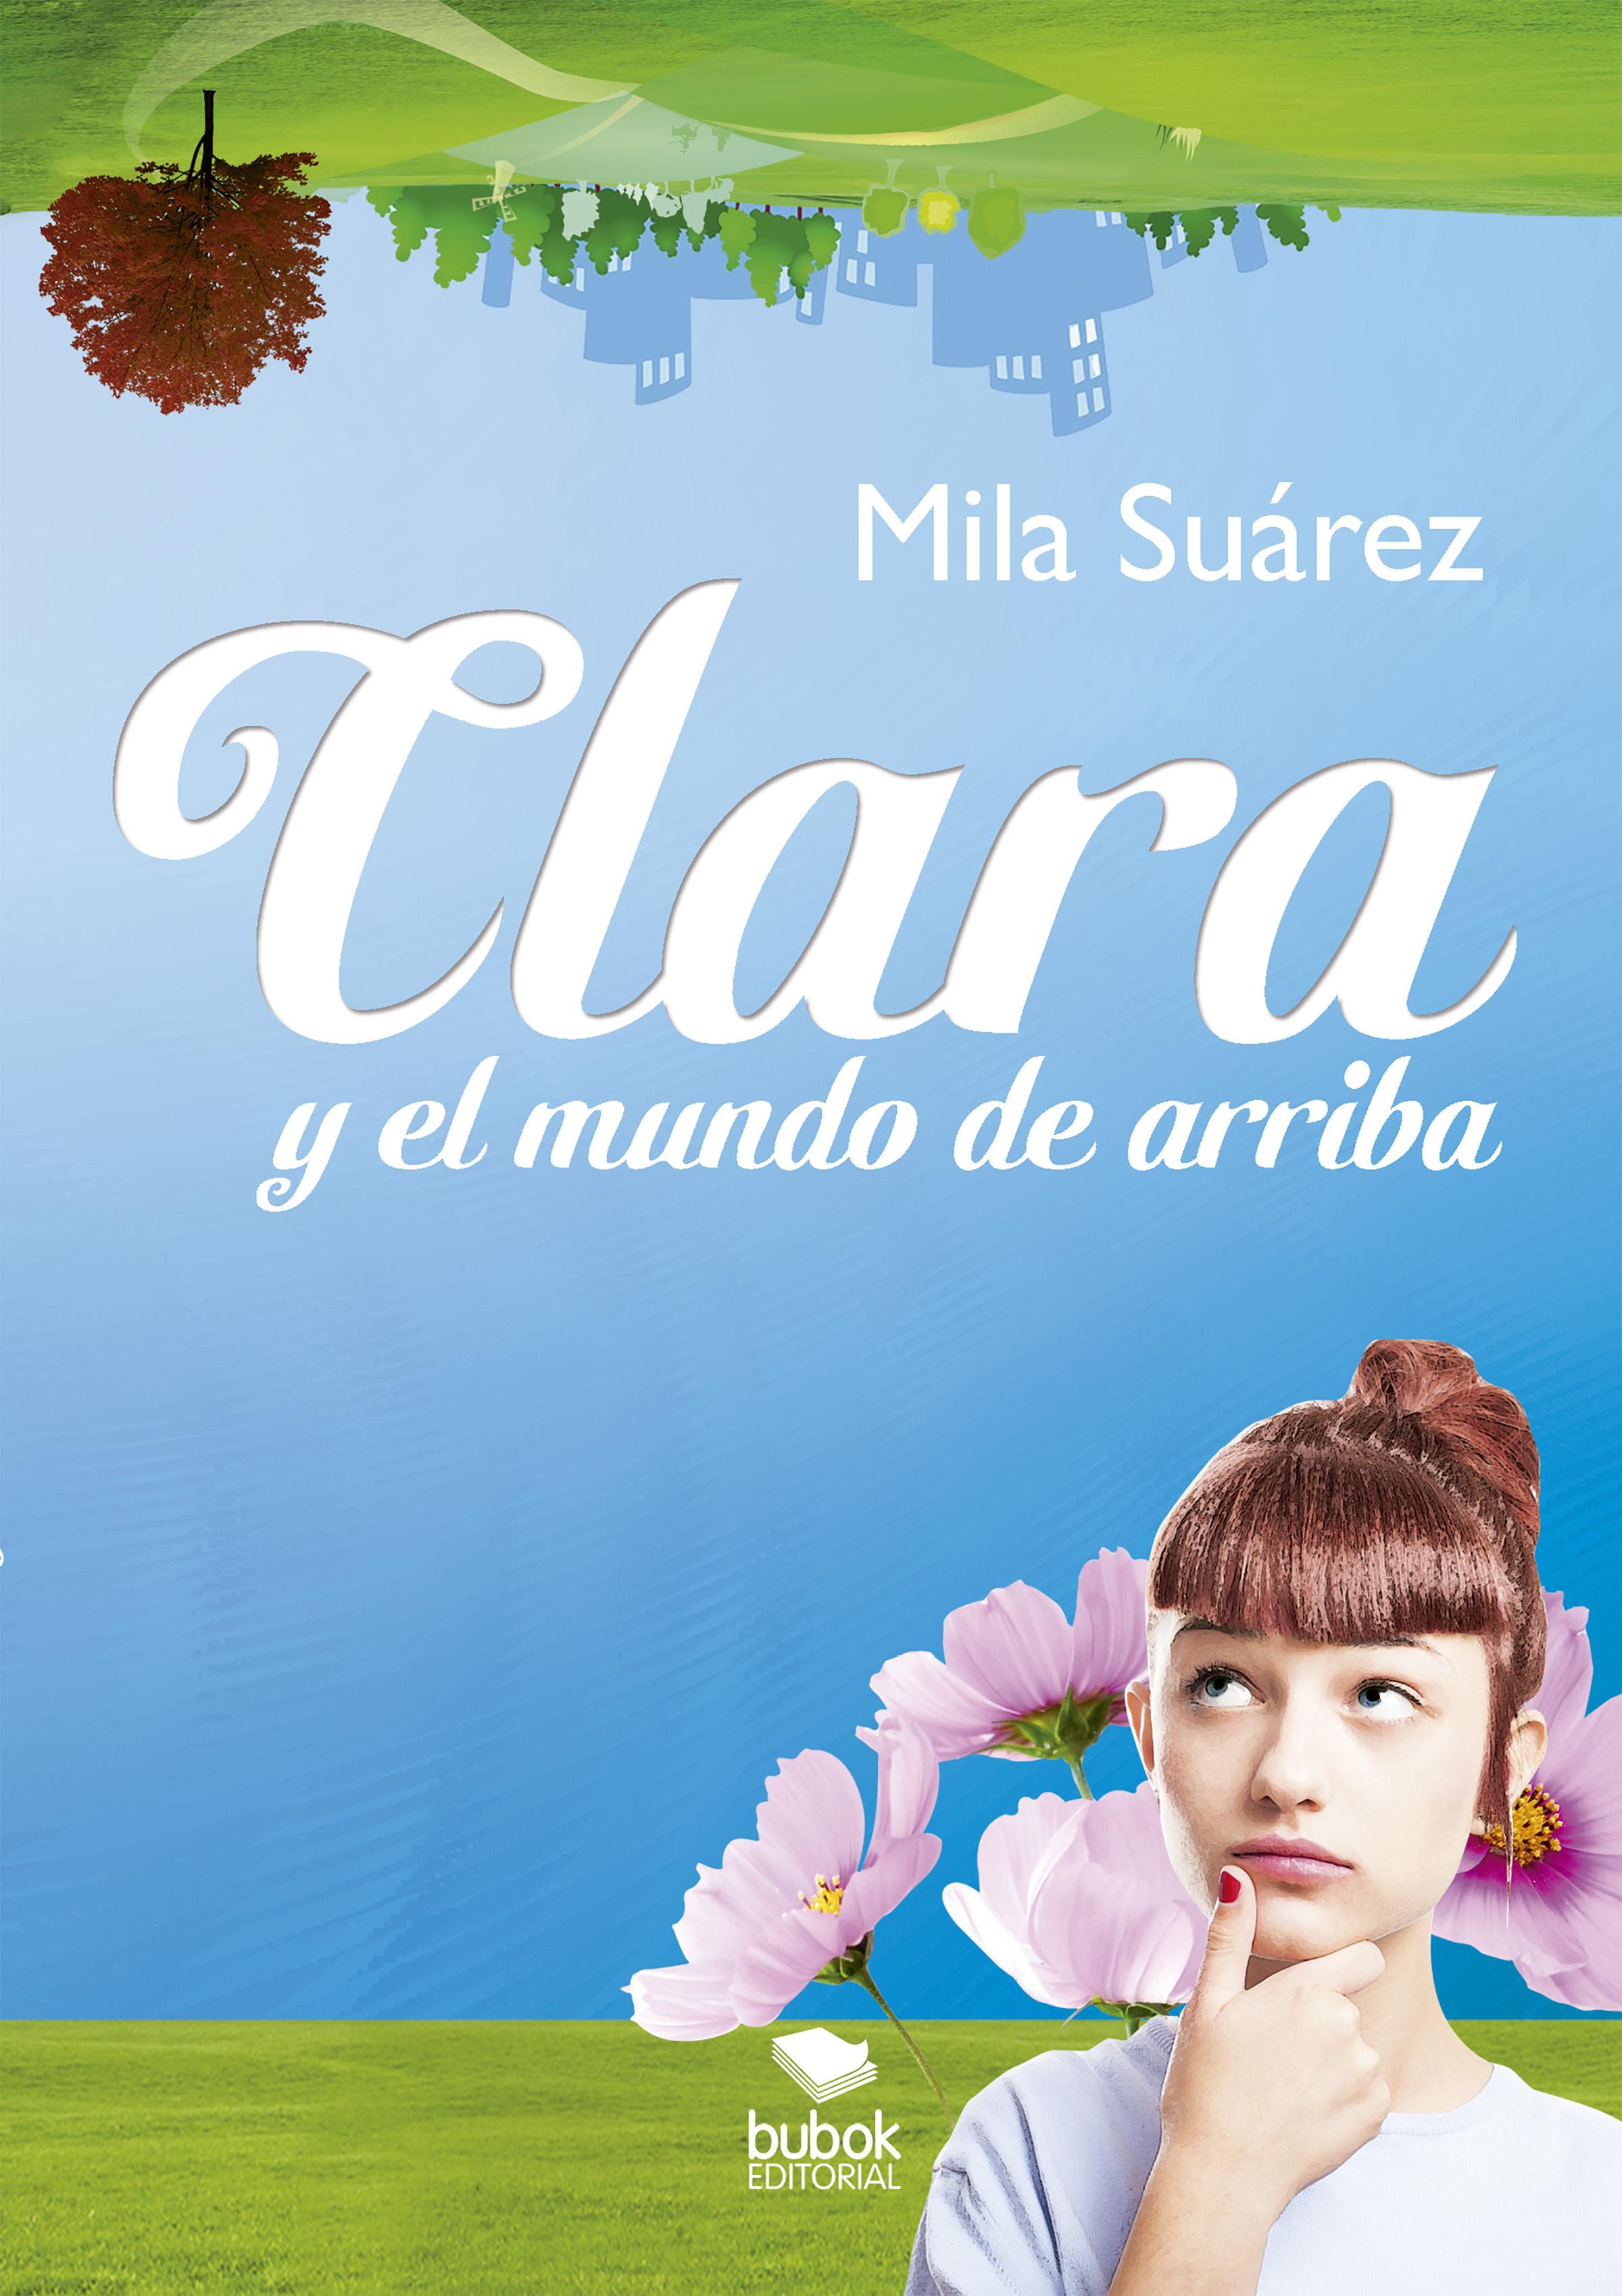 цена на Mila Suárez Clara y el mundo de arriba